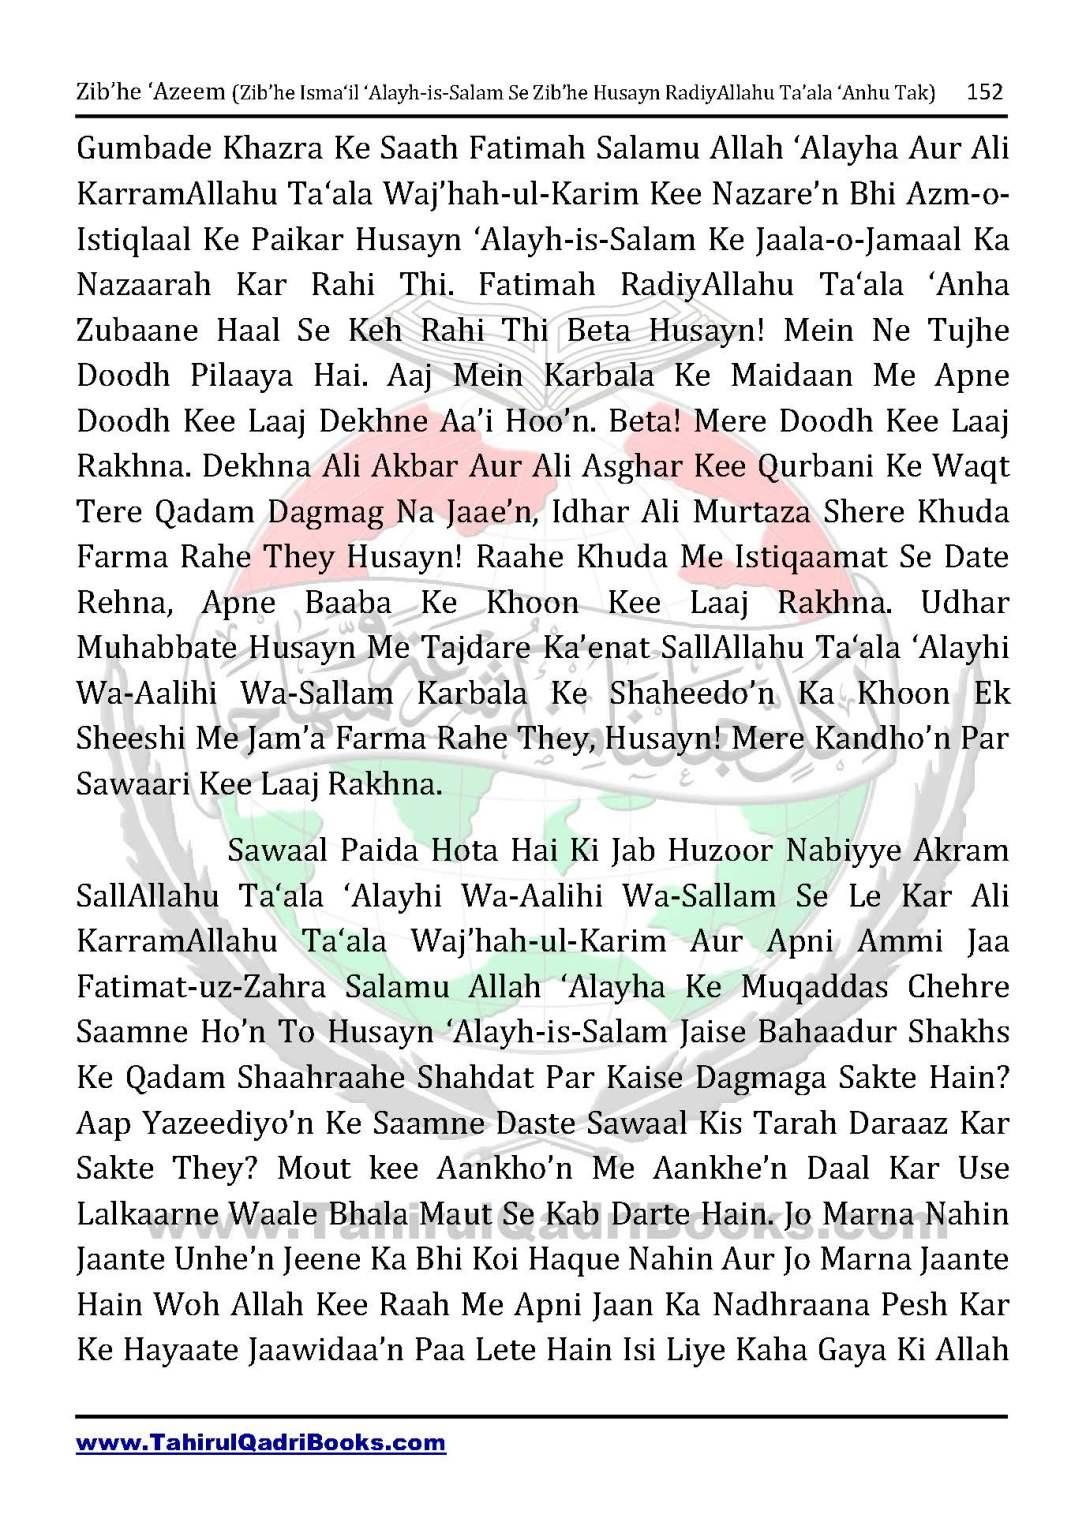 zib_he-e28098azeem-zib_he-ismacabbil-se-zib_he-husayn-tak-in-roman-urdu-unlocked_Page_152